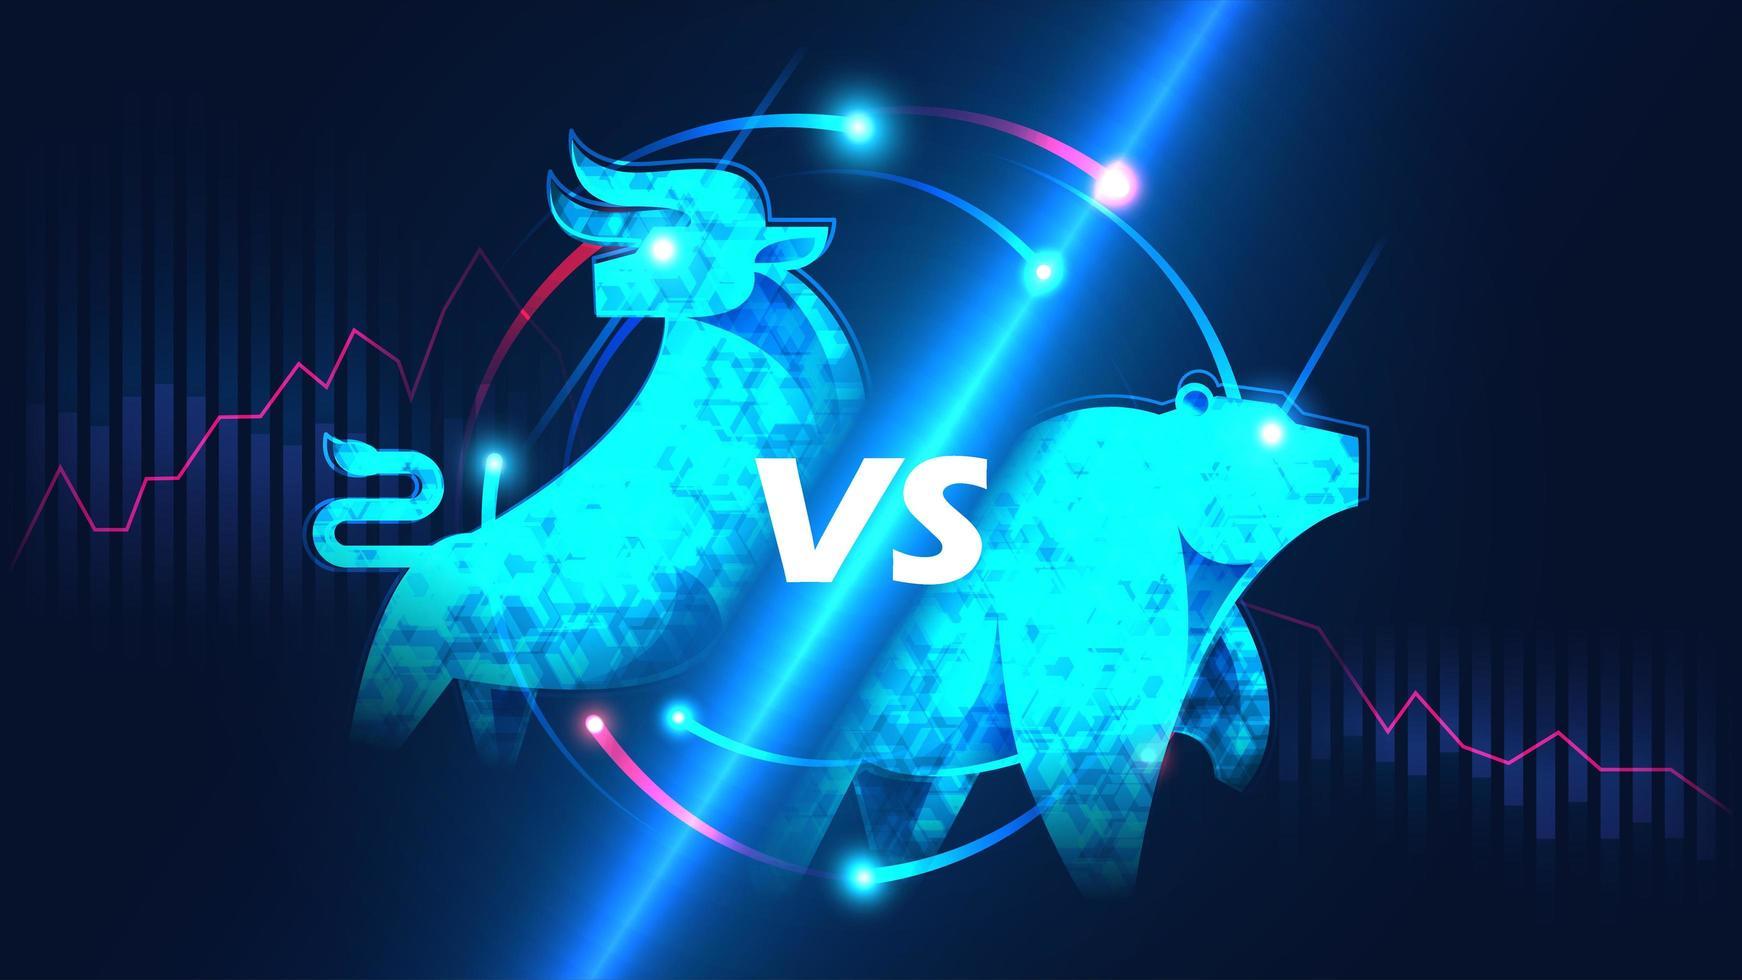 bullischer versus bärischer Aktienmarkt vektor